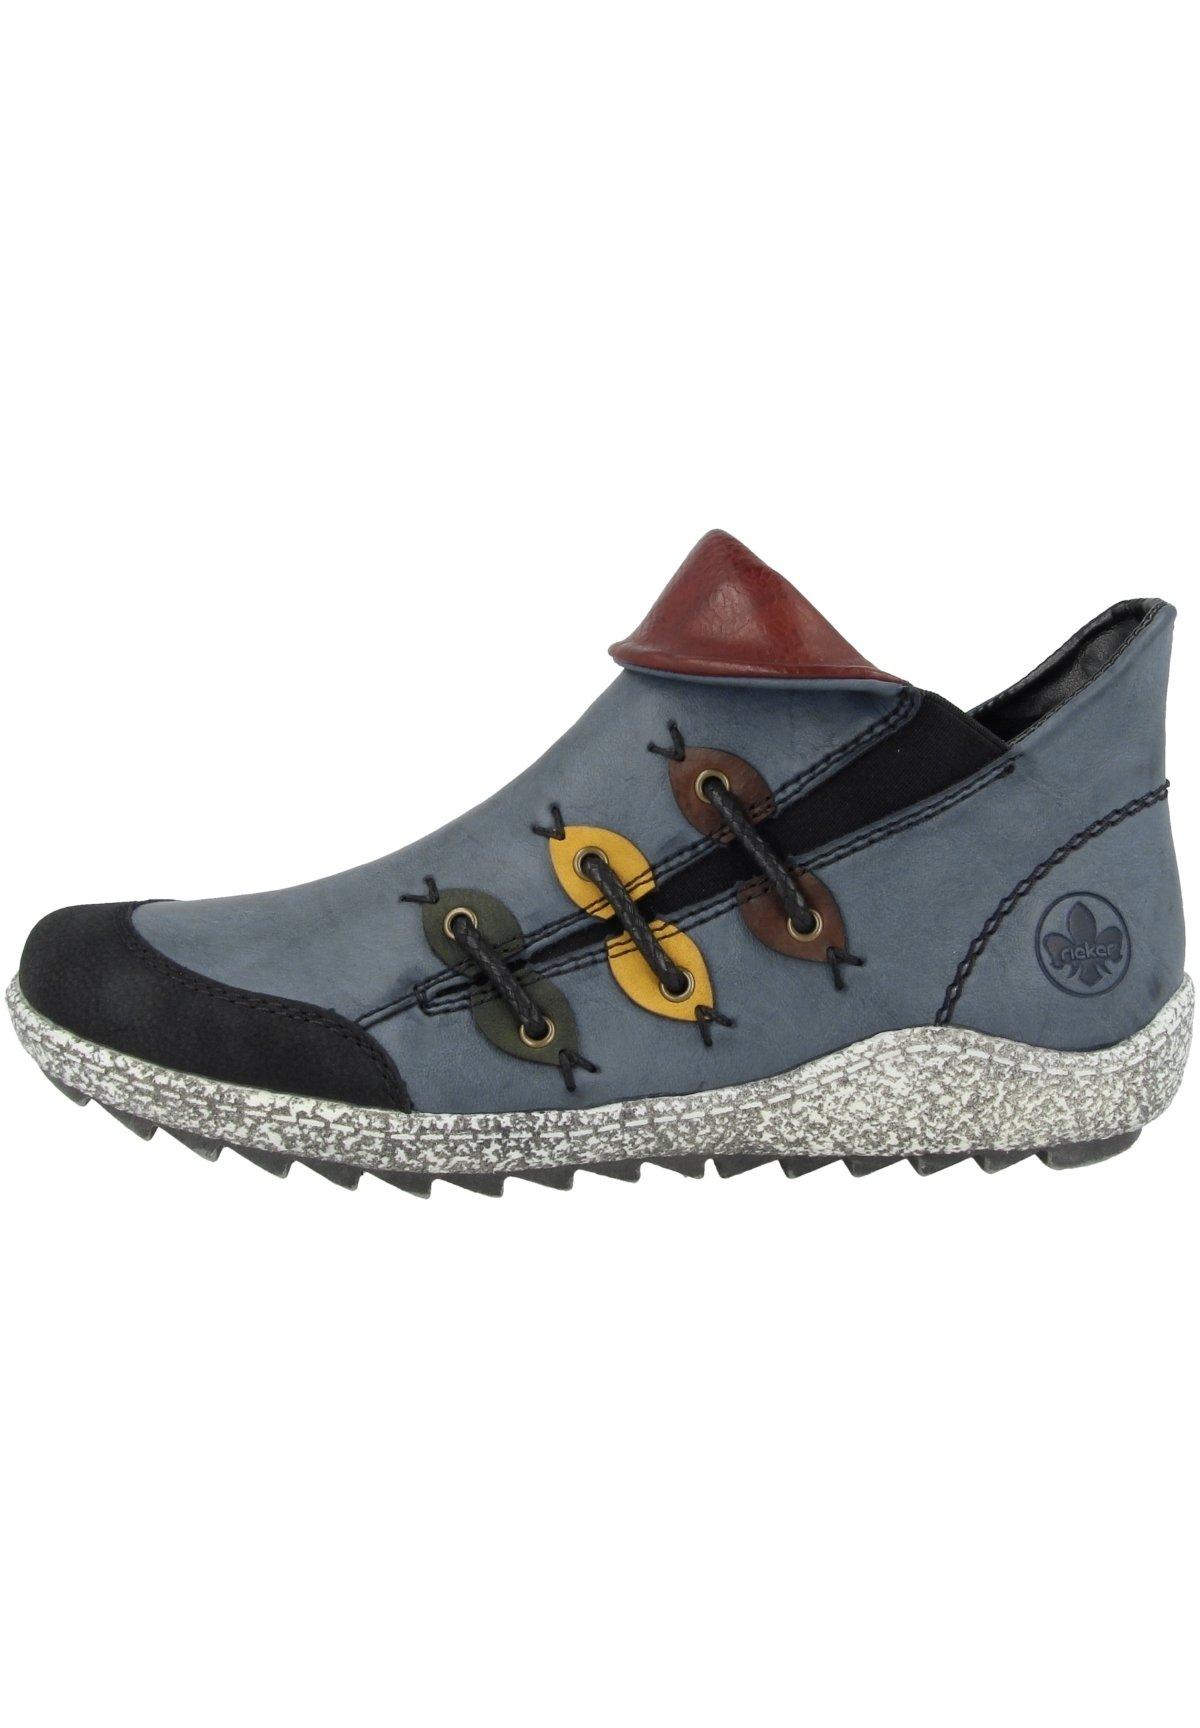 Damen Ankle Boot - blue combination